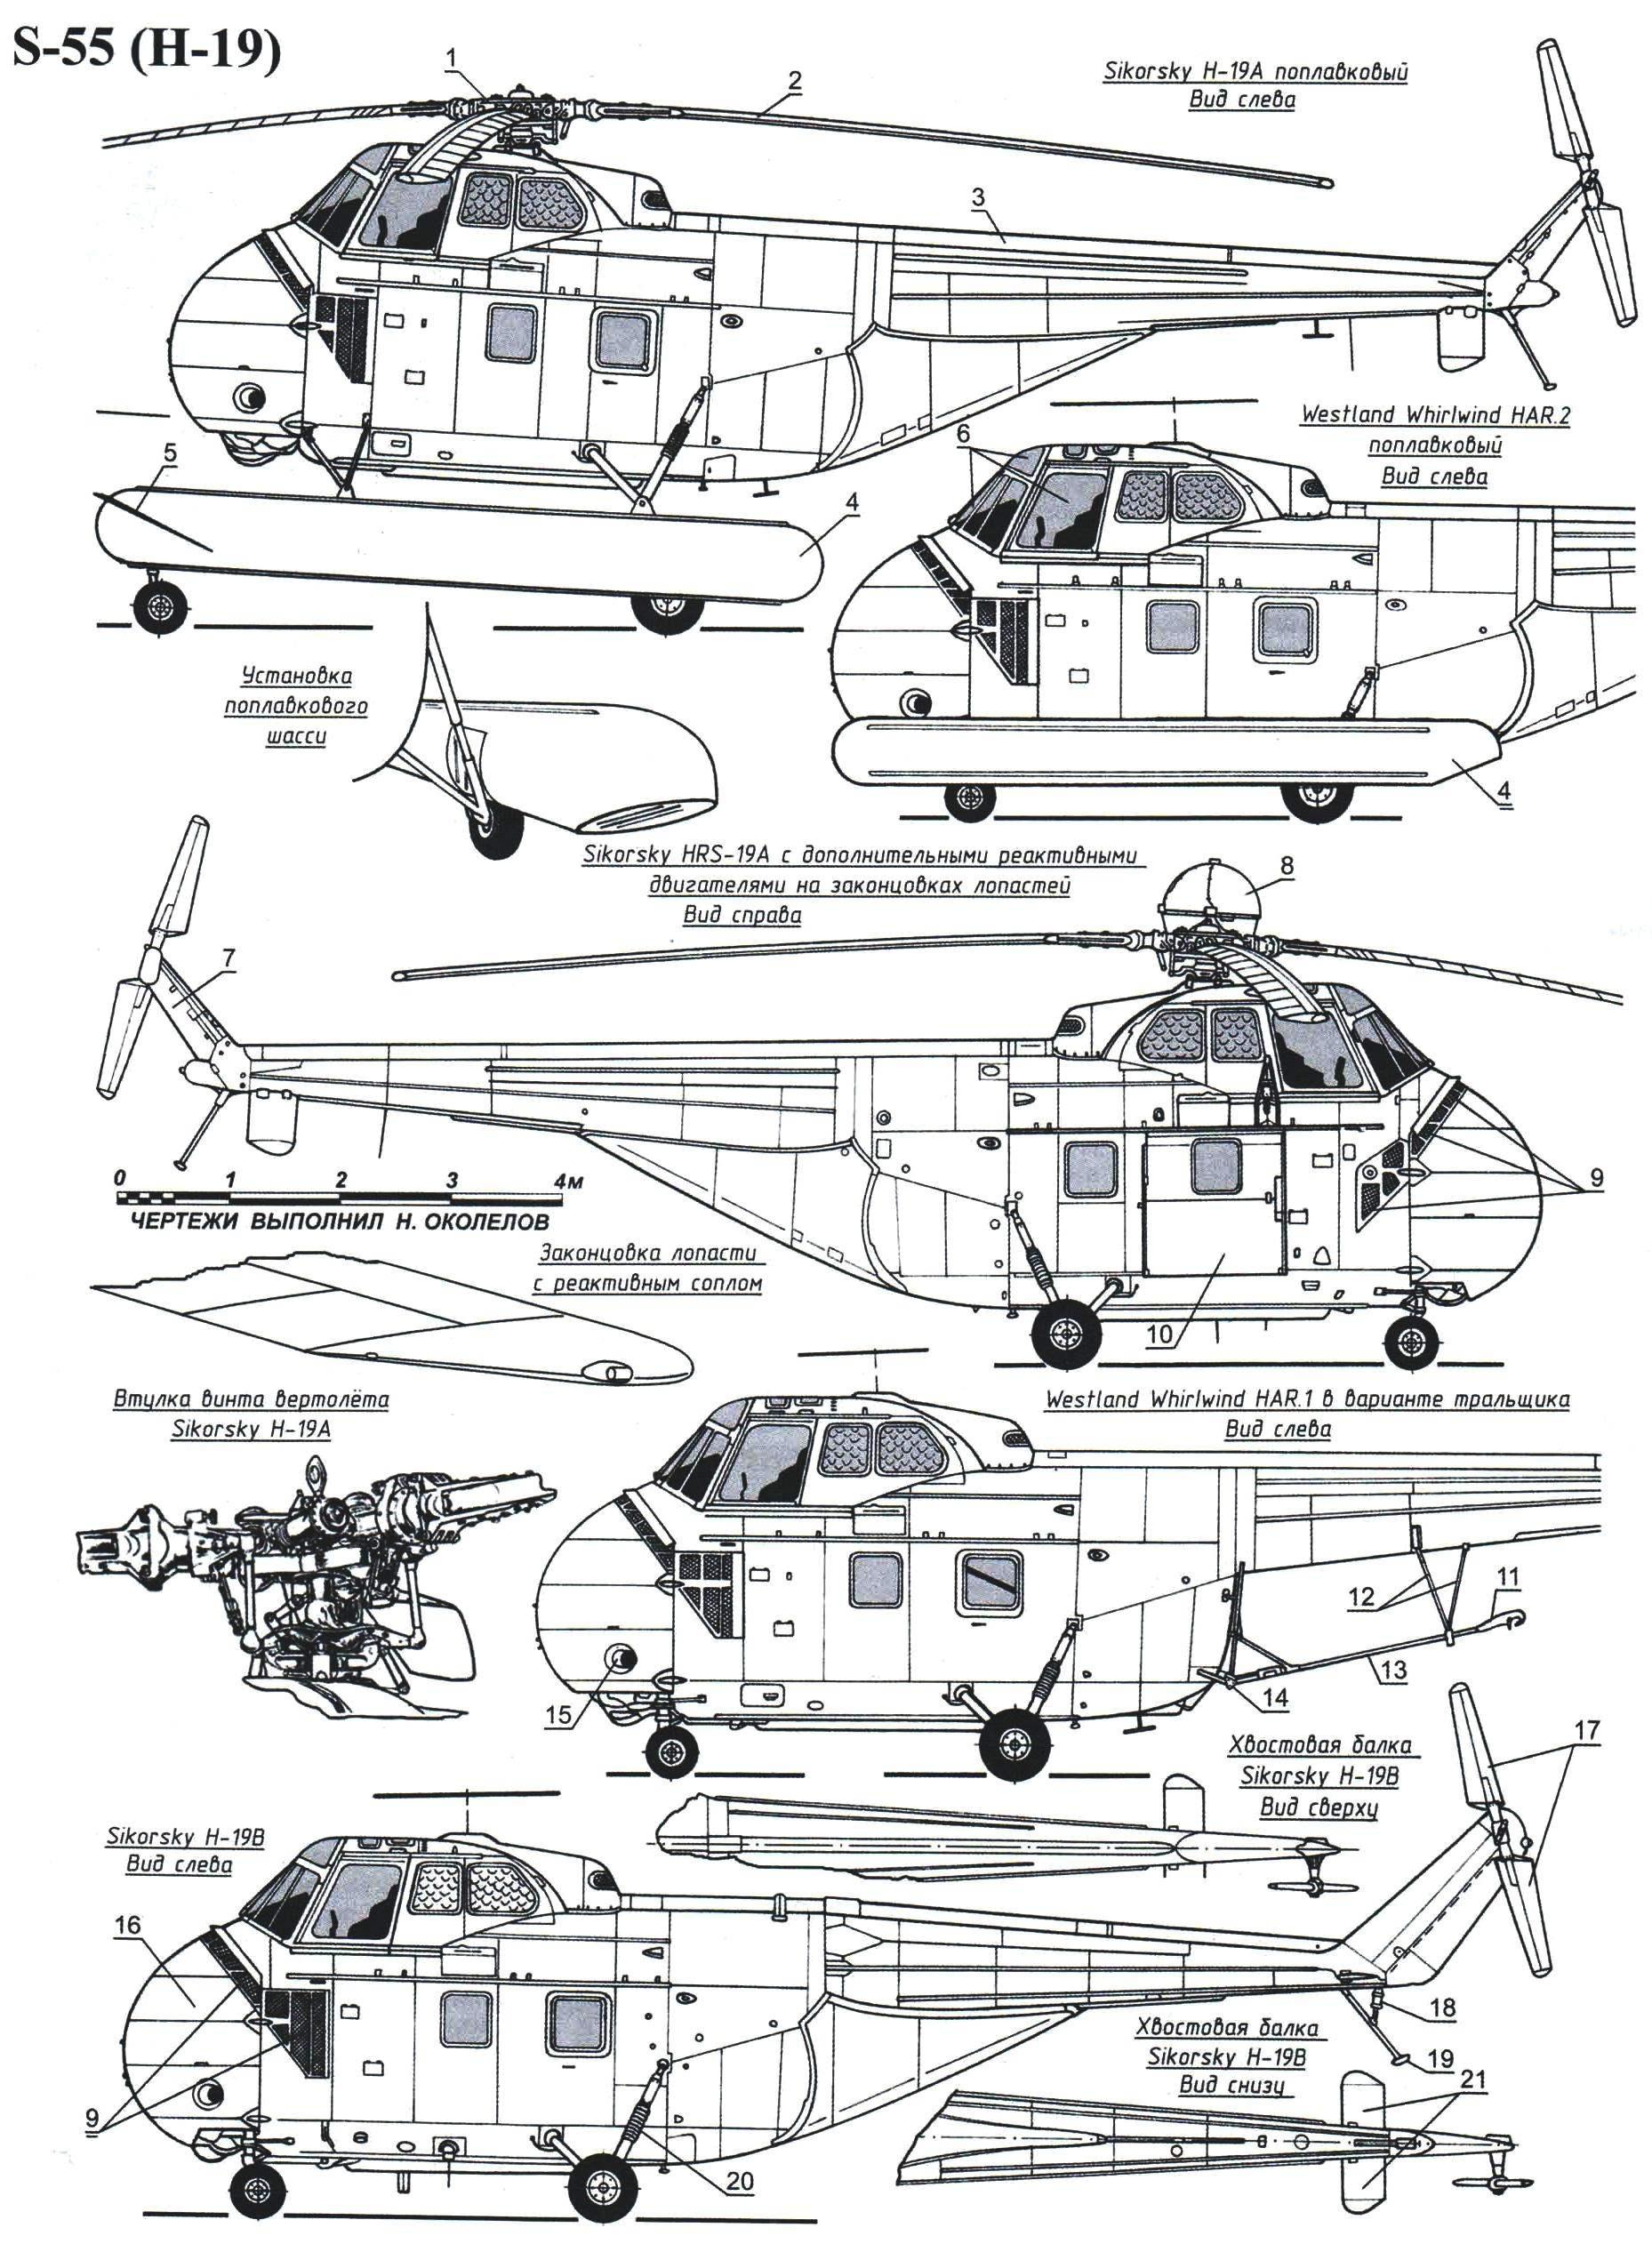 helicopter sikorsky h 3 wiring diagram database. Black Bedroom Furniture Sets. Home Design Ideas